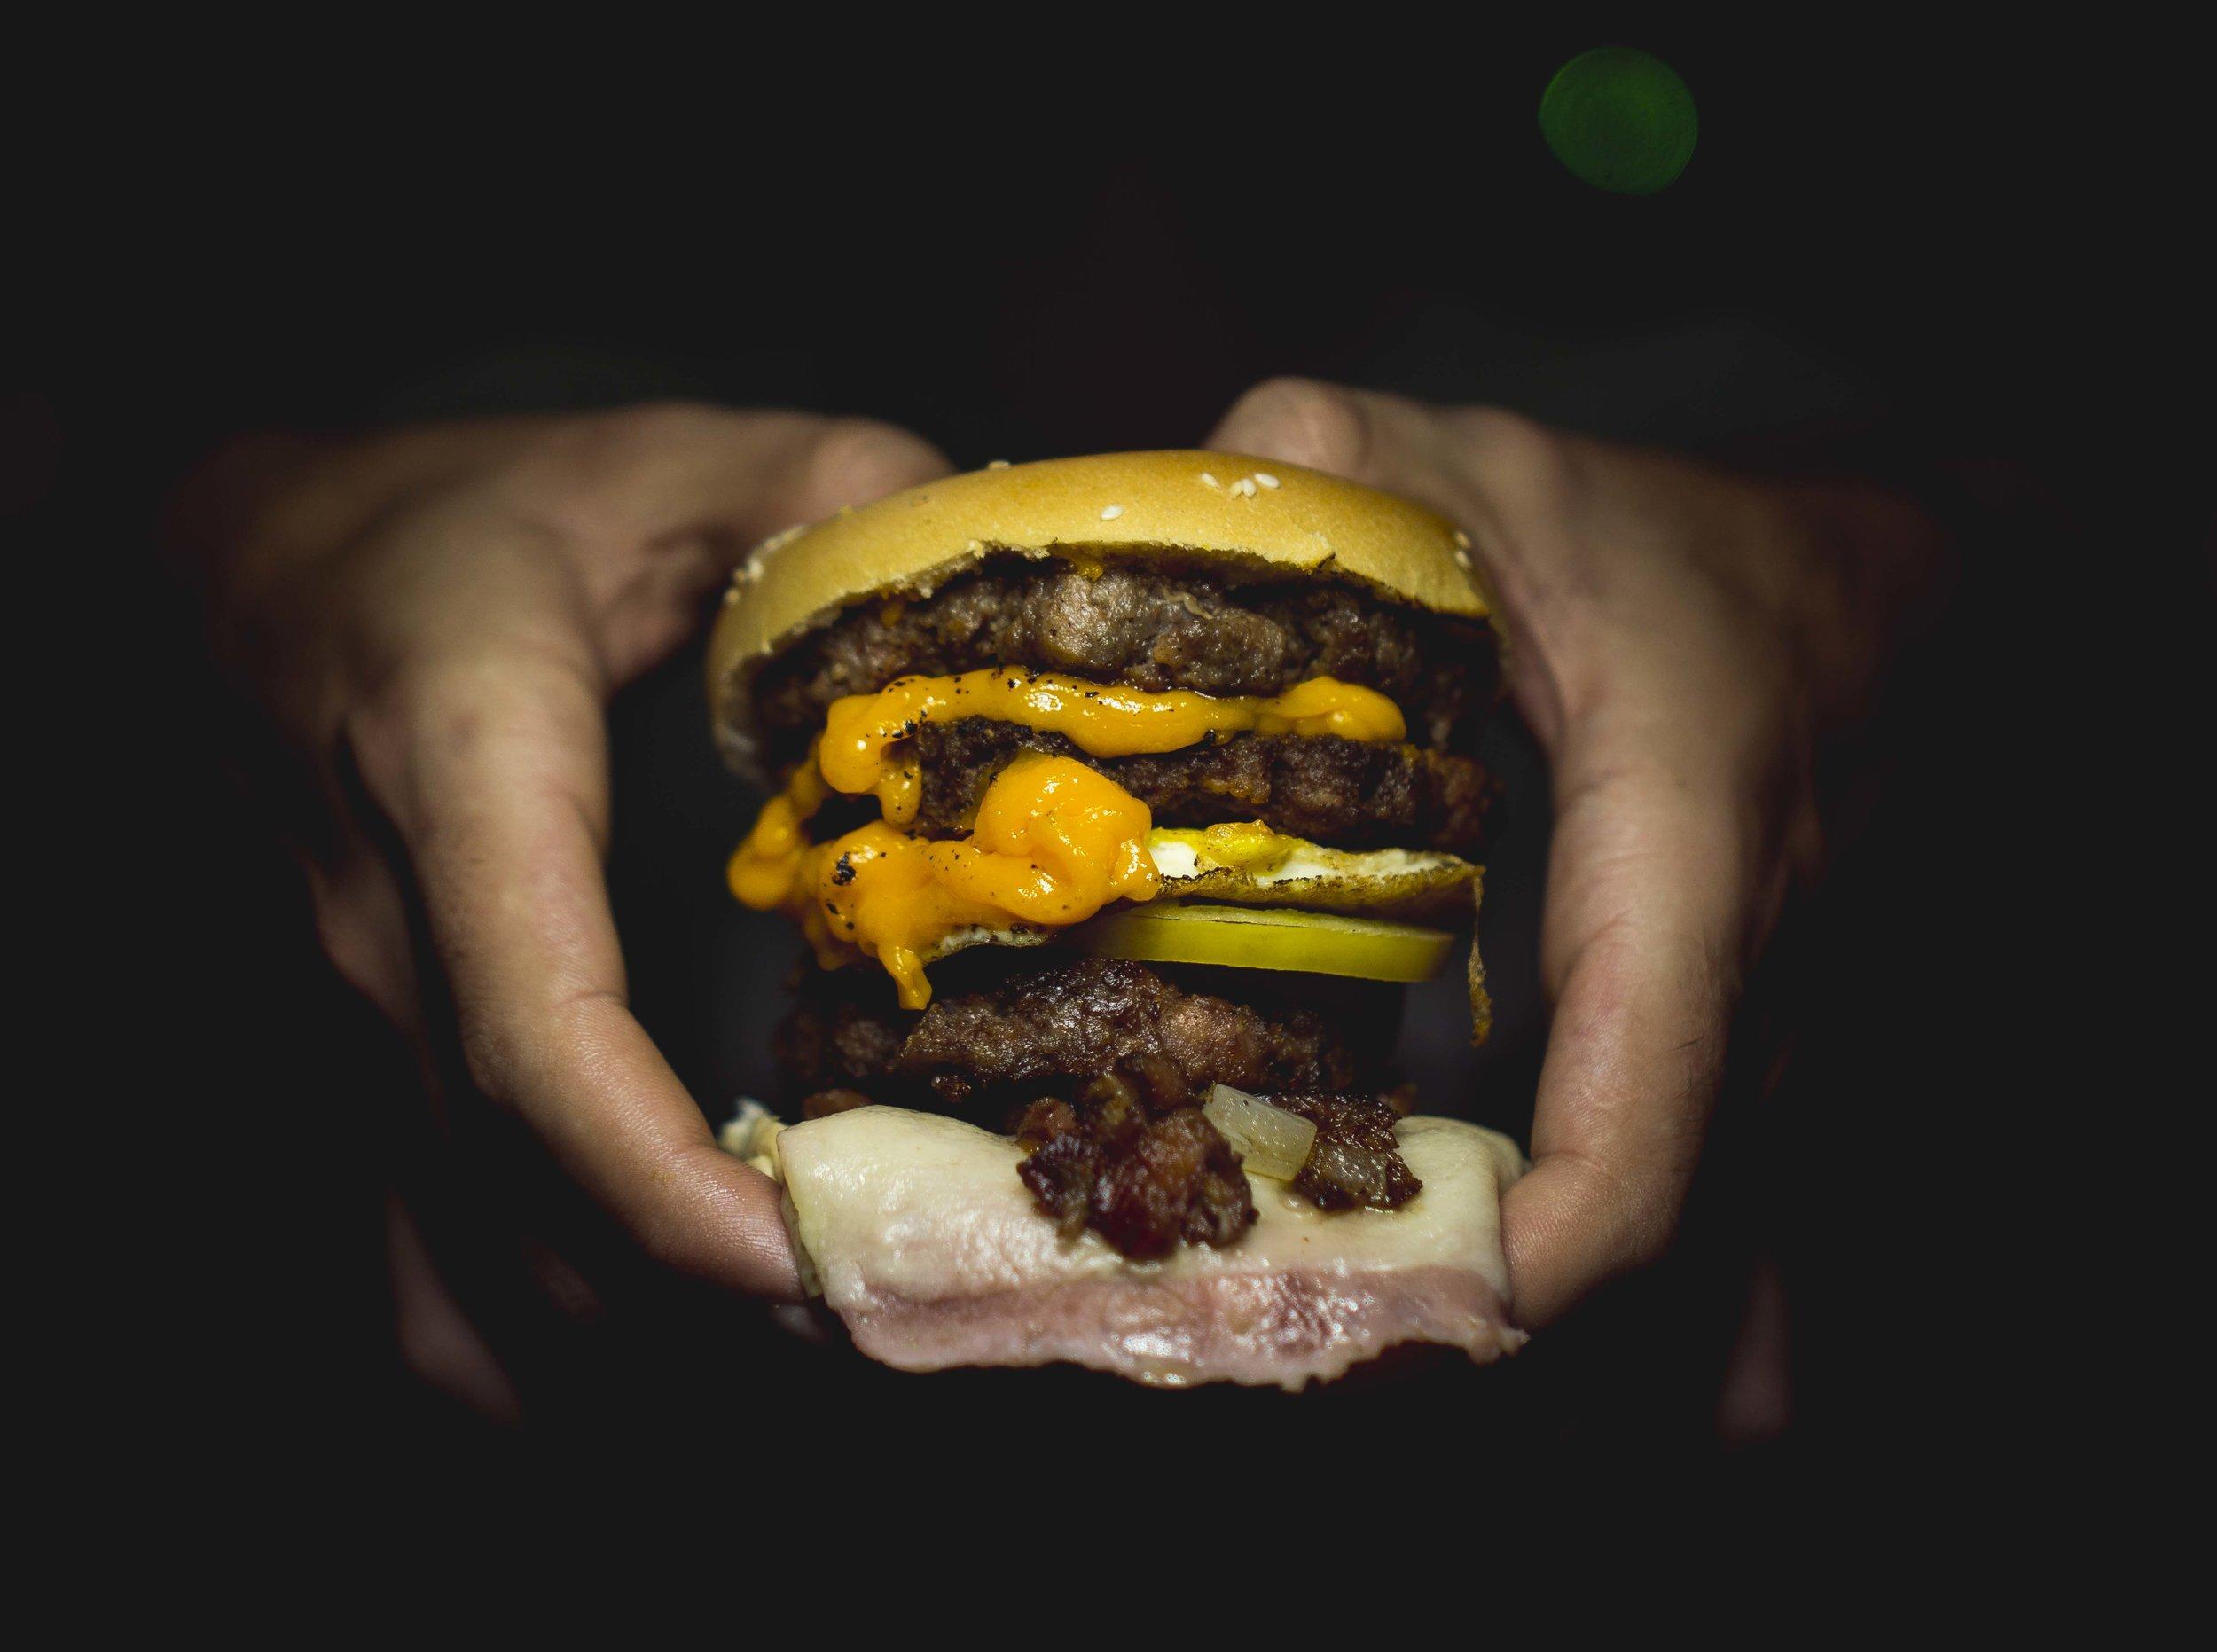 Burgers sind typisches Material für den Hashtag #Foodporn